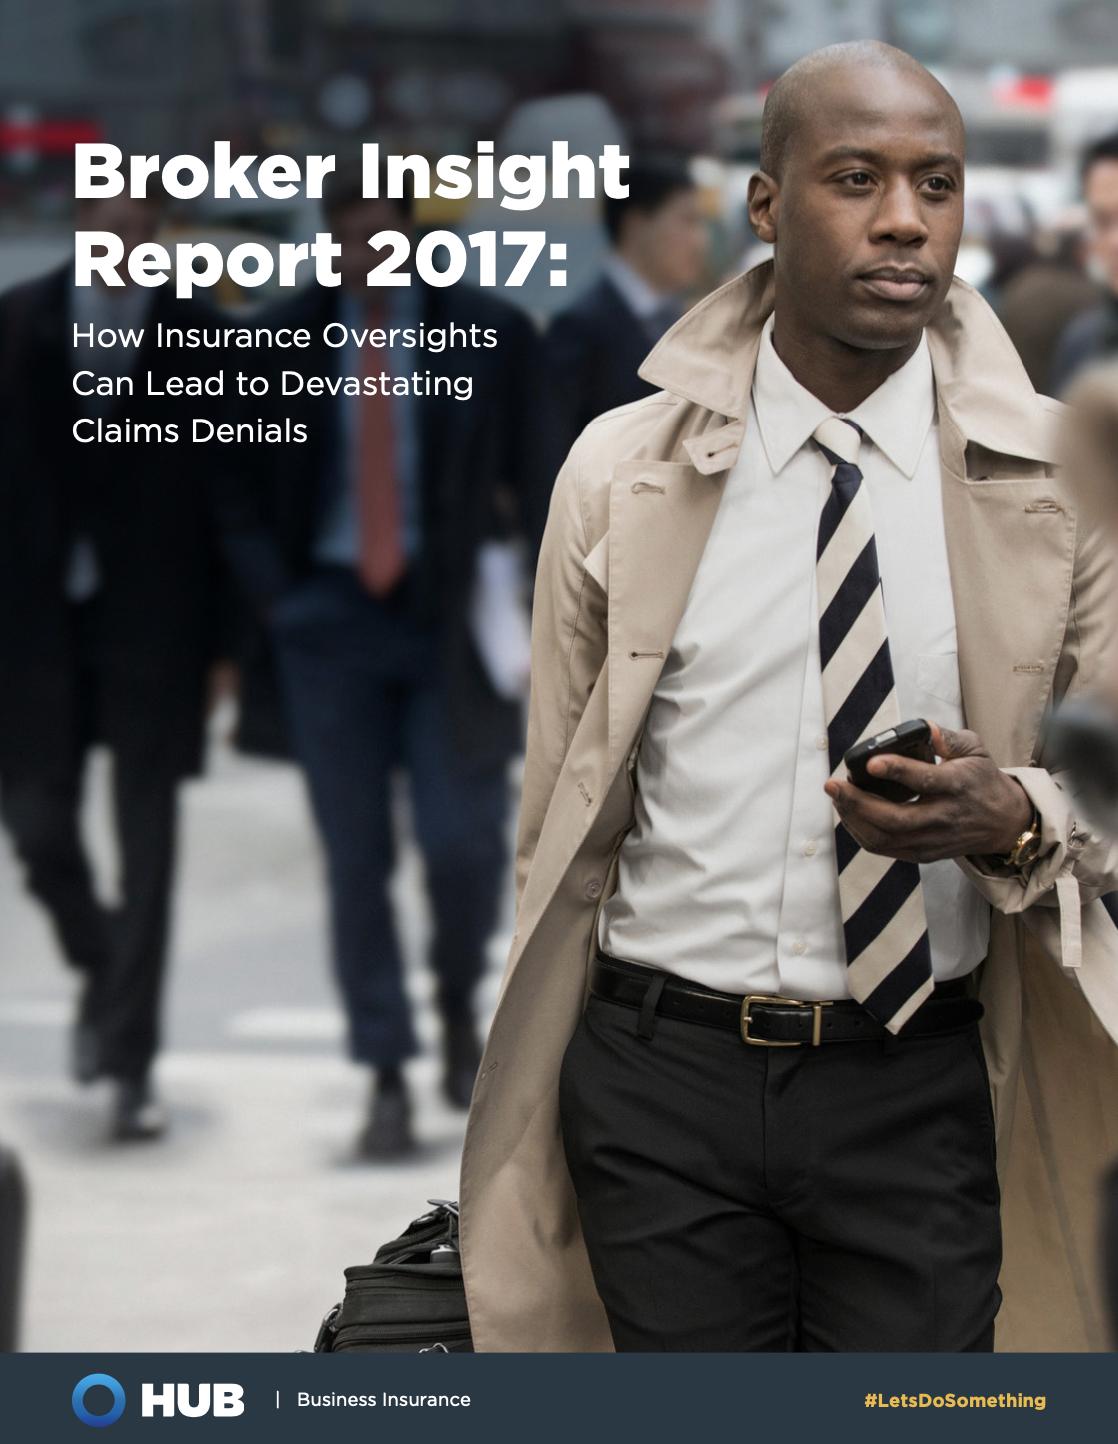 Broker Insight Report 2017